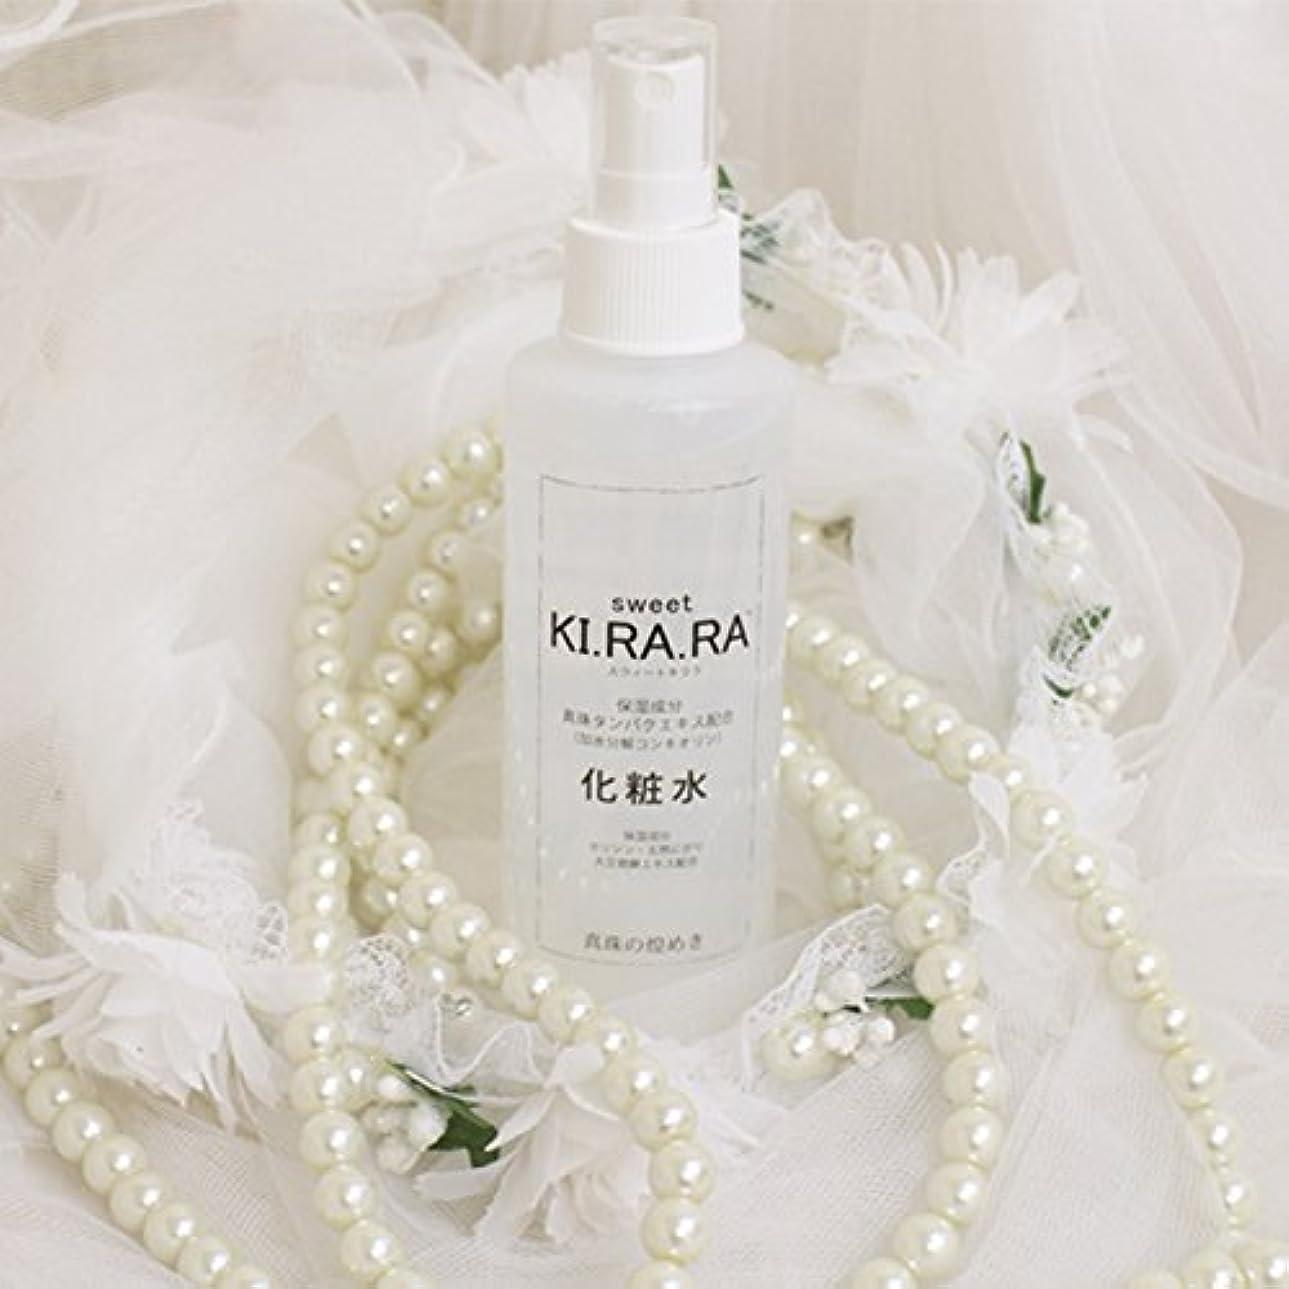 速報シルク月曜sweet KI.RA.RA スウィートキララ 化粧水 ナチュラルローション 真珠タンパクエキス配合 150ml